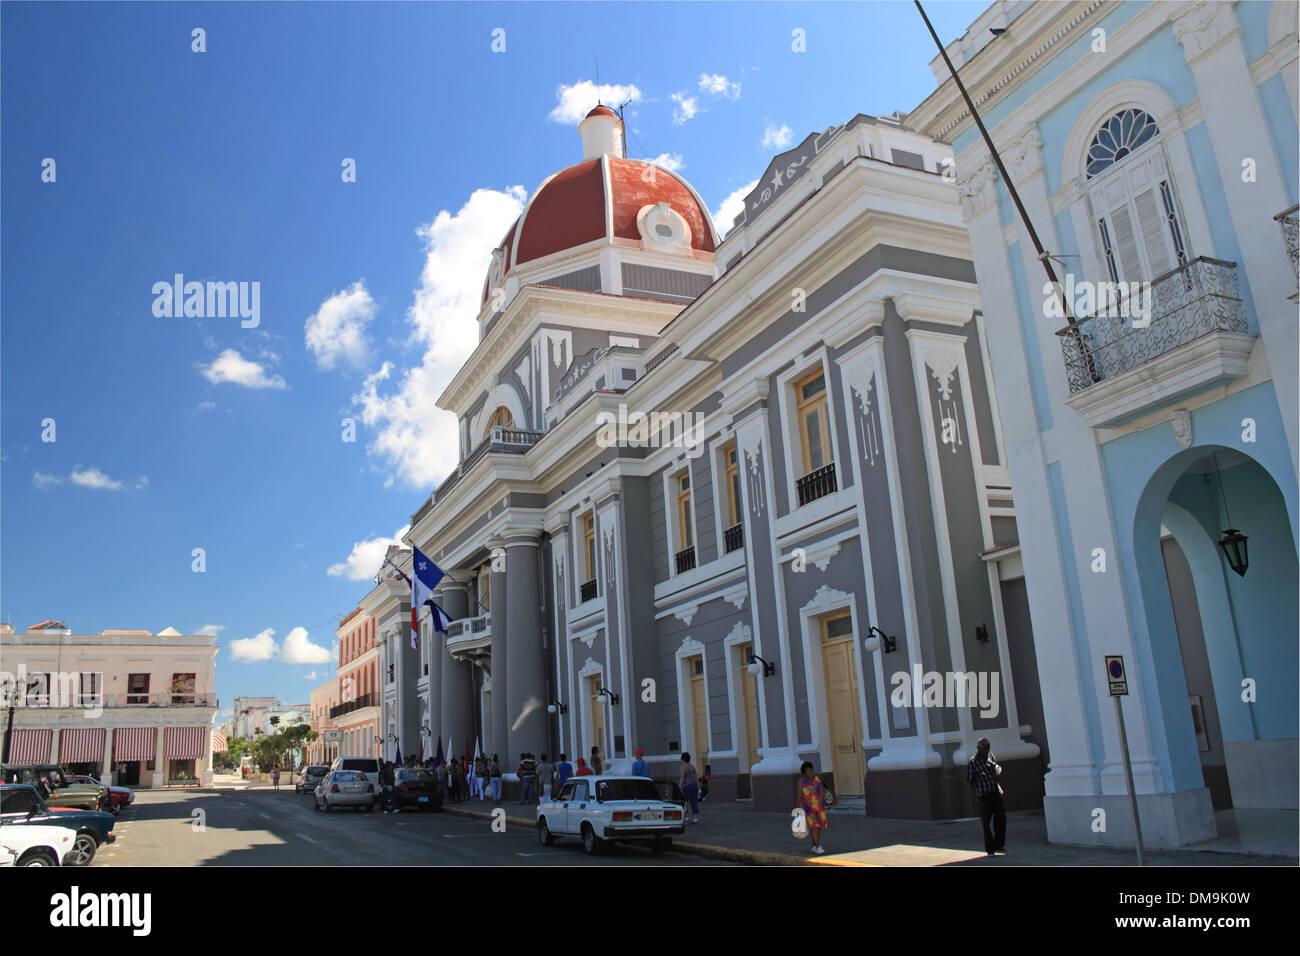 Antiguo Ayuntamiento, Parque José Martí, Cienfuegos, Cienfuegos province, Cuba, Caribbean Sea, Central America - Stock Image